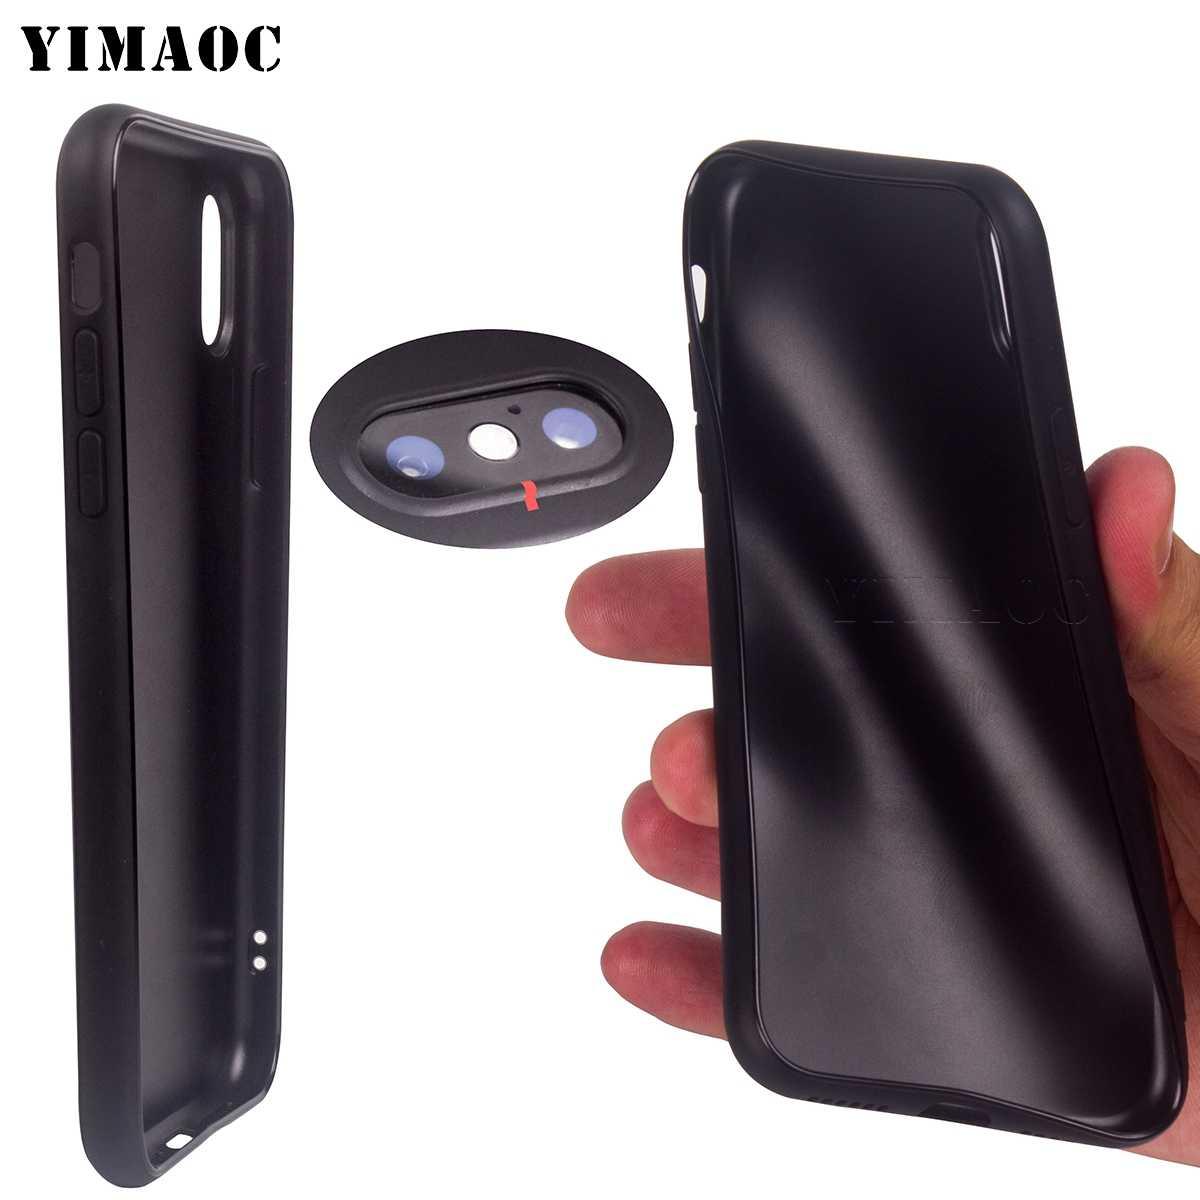 YIMAOC французская собака породы бульдог чехол для Xiaomi 9T Pro CC9 A3 Redmi K20 7A для huawei Honor 20 9X P20 Lite Nova 5i Y9